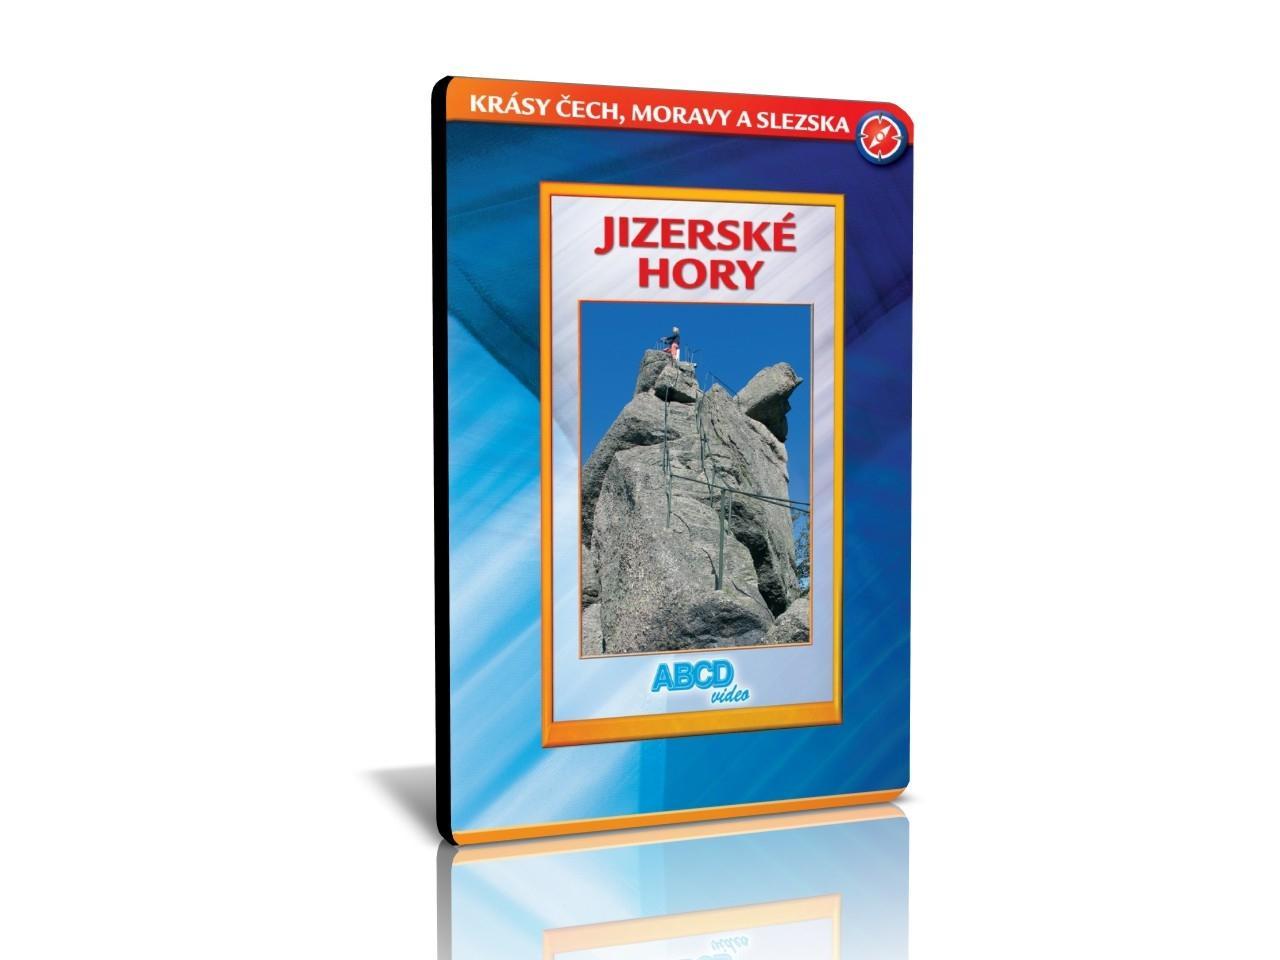 KRÁSY ČECH, MORAVY A SLEZSKA: Jizerské hory (DVD)